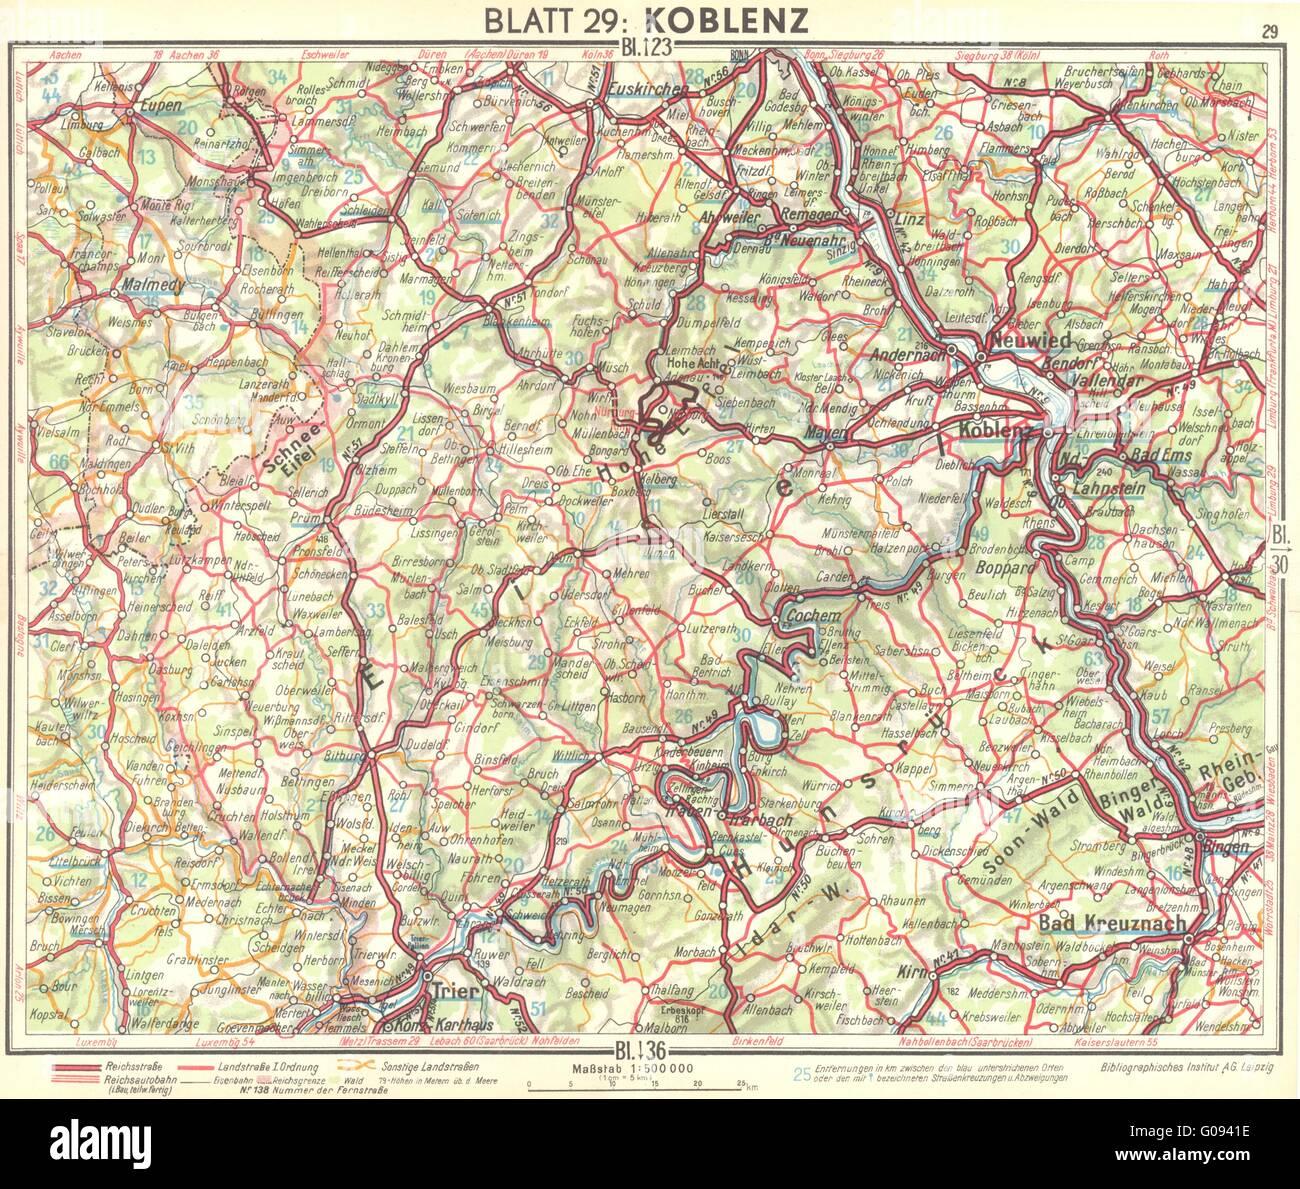 Karte Koblenz.Deutschland Koblenz 1936 Vintage Karte Stockfoto Bild 103462954